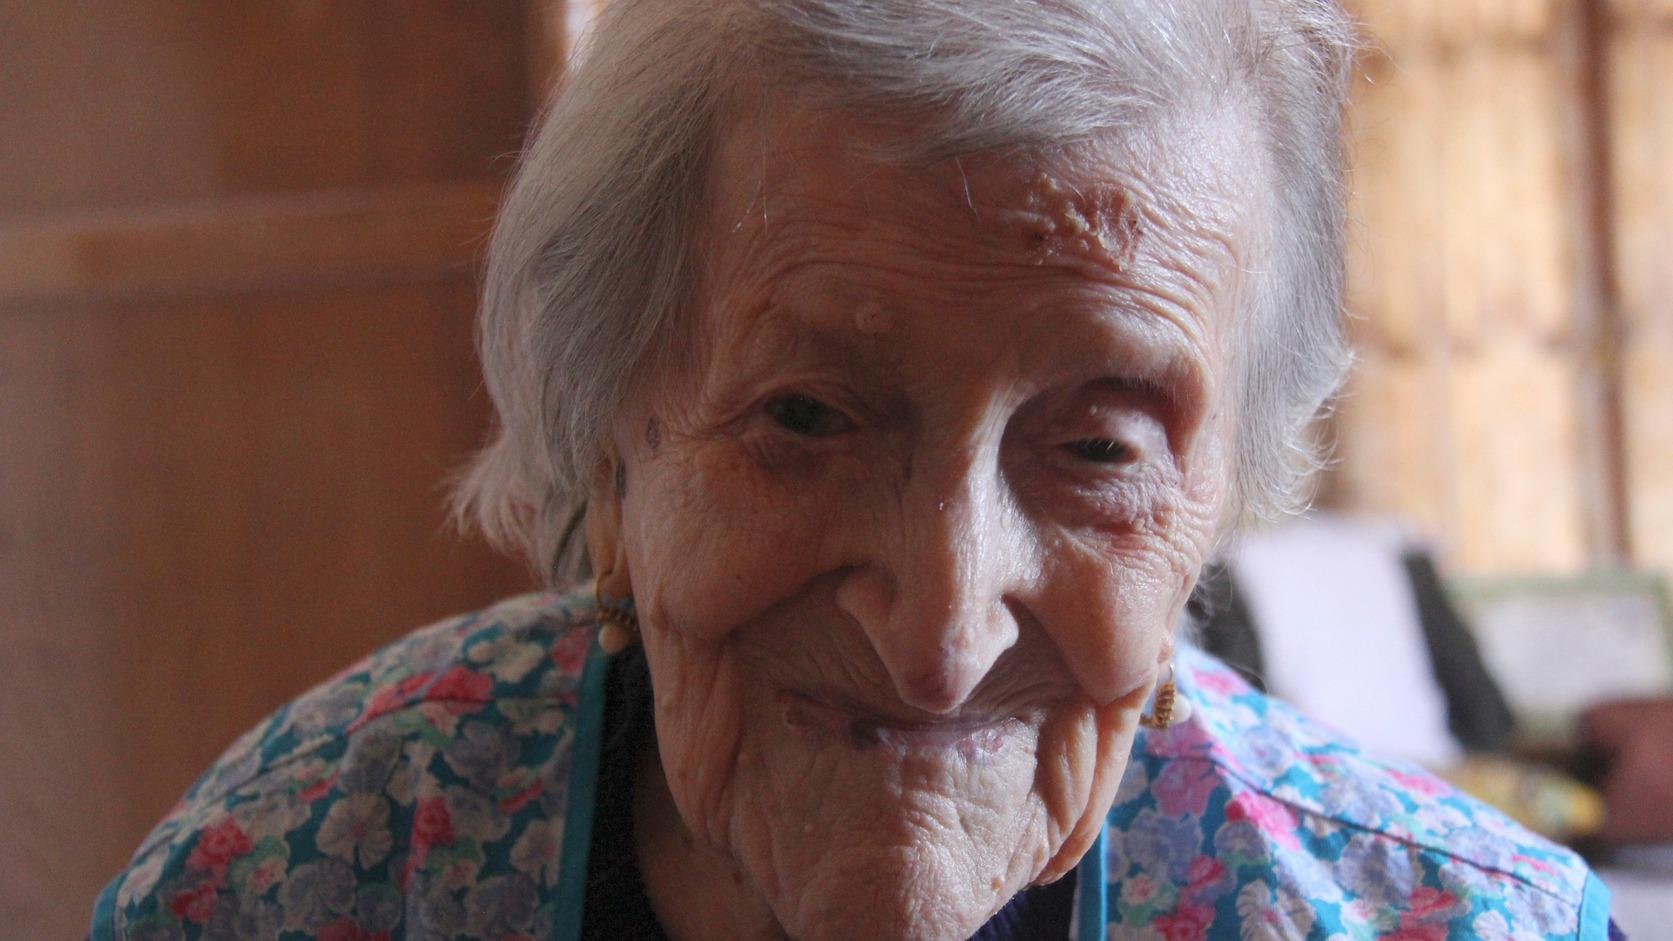 Verbania, 2016. június 27. A 116 éves olasz Emma Morano, a világ legidősebb embere az észak-olaszországi Verbaniában lévő otthonában 2016. június 27-én. Az 1899. november 29-én született Emma Martina Luigia Morano Martinuzzi lett a világ legidősebb embere, miután elődje, az amerikai Susannah Mushatt Jones május 12-én New Yorkban elhunyt 116 éves korában. MTI Fotó: Mészáros Márton